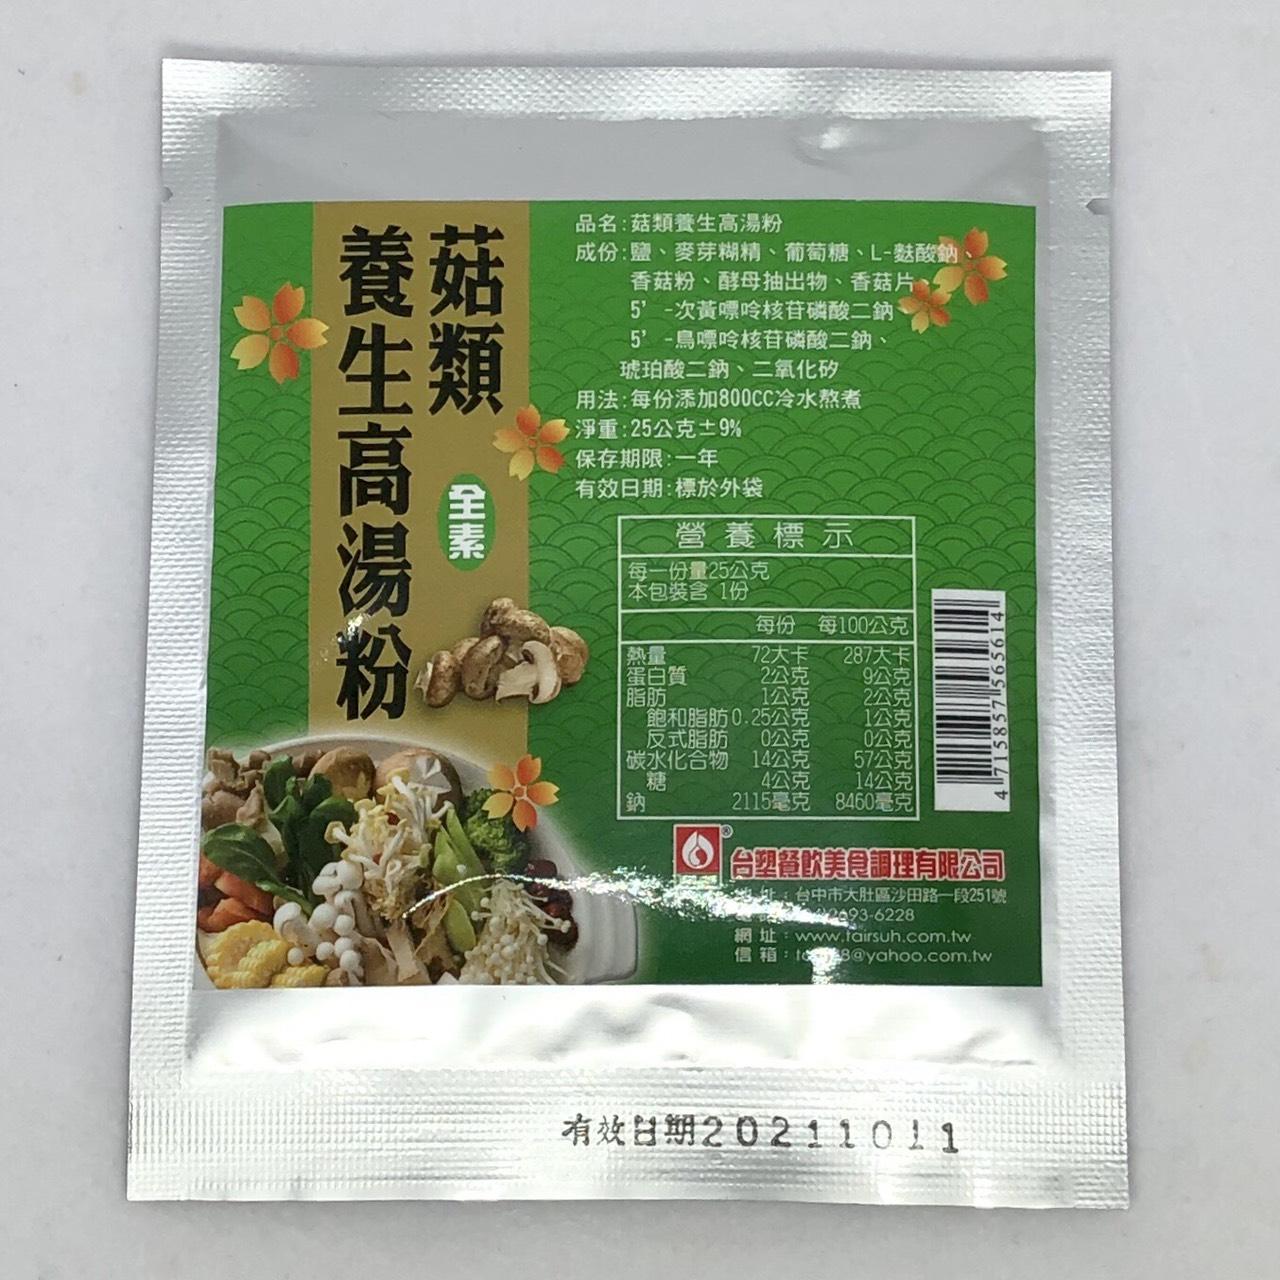 (台塑)菇類養生高湯粉25g(全素)